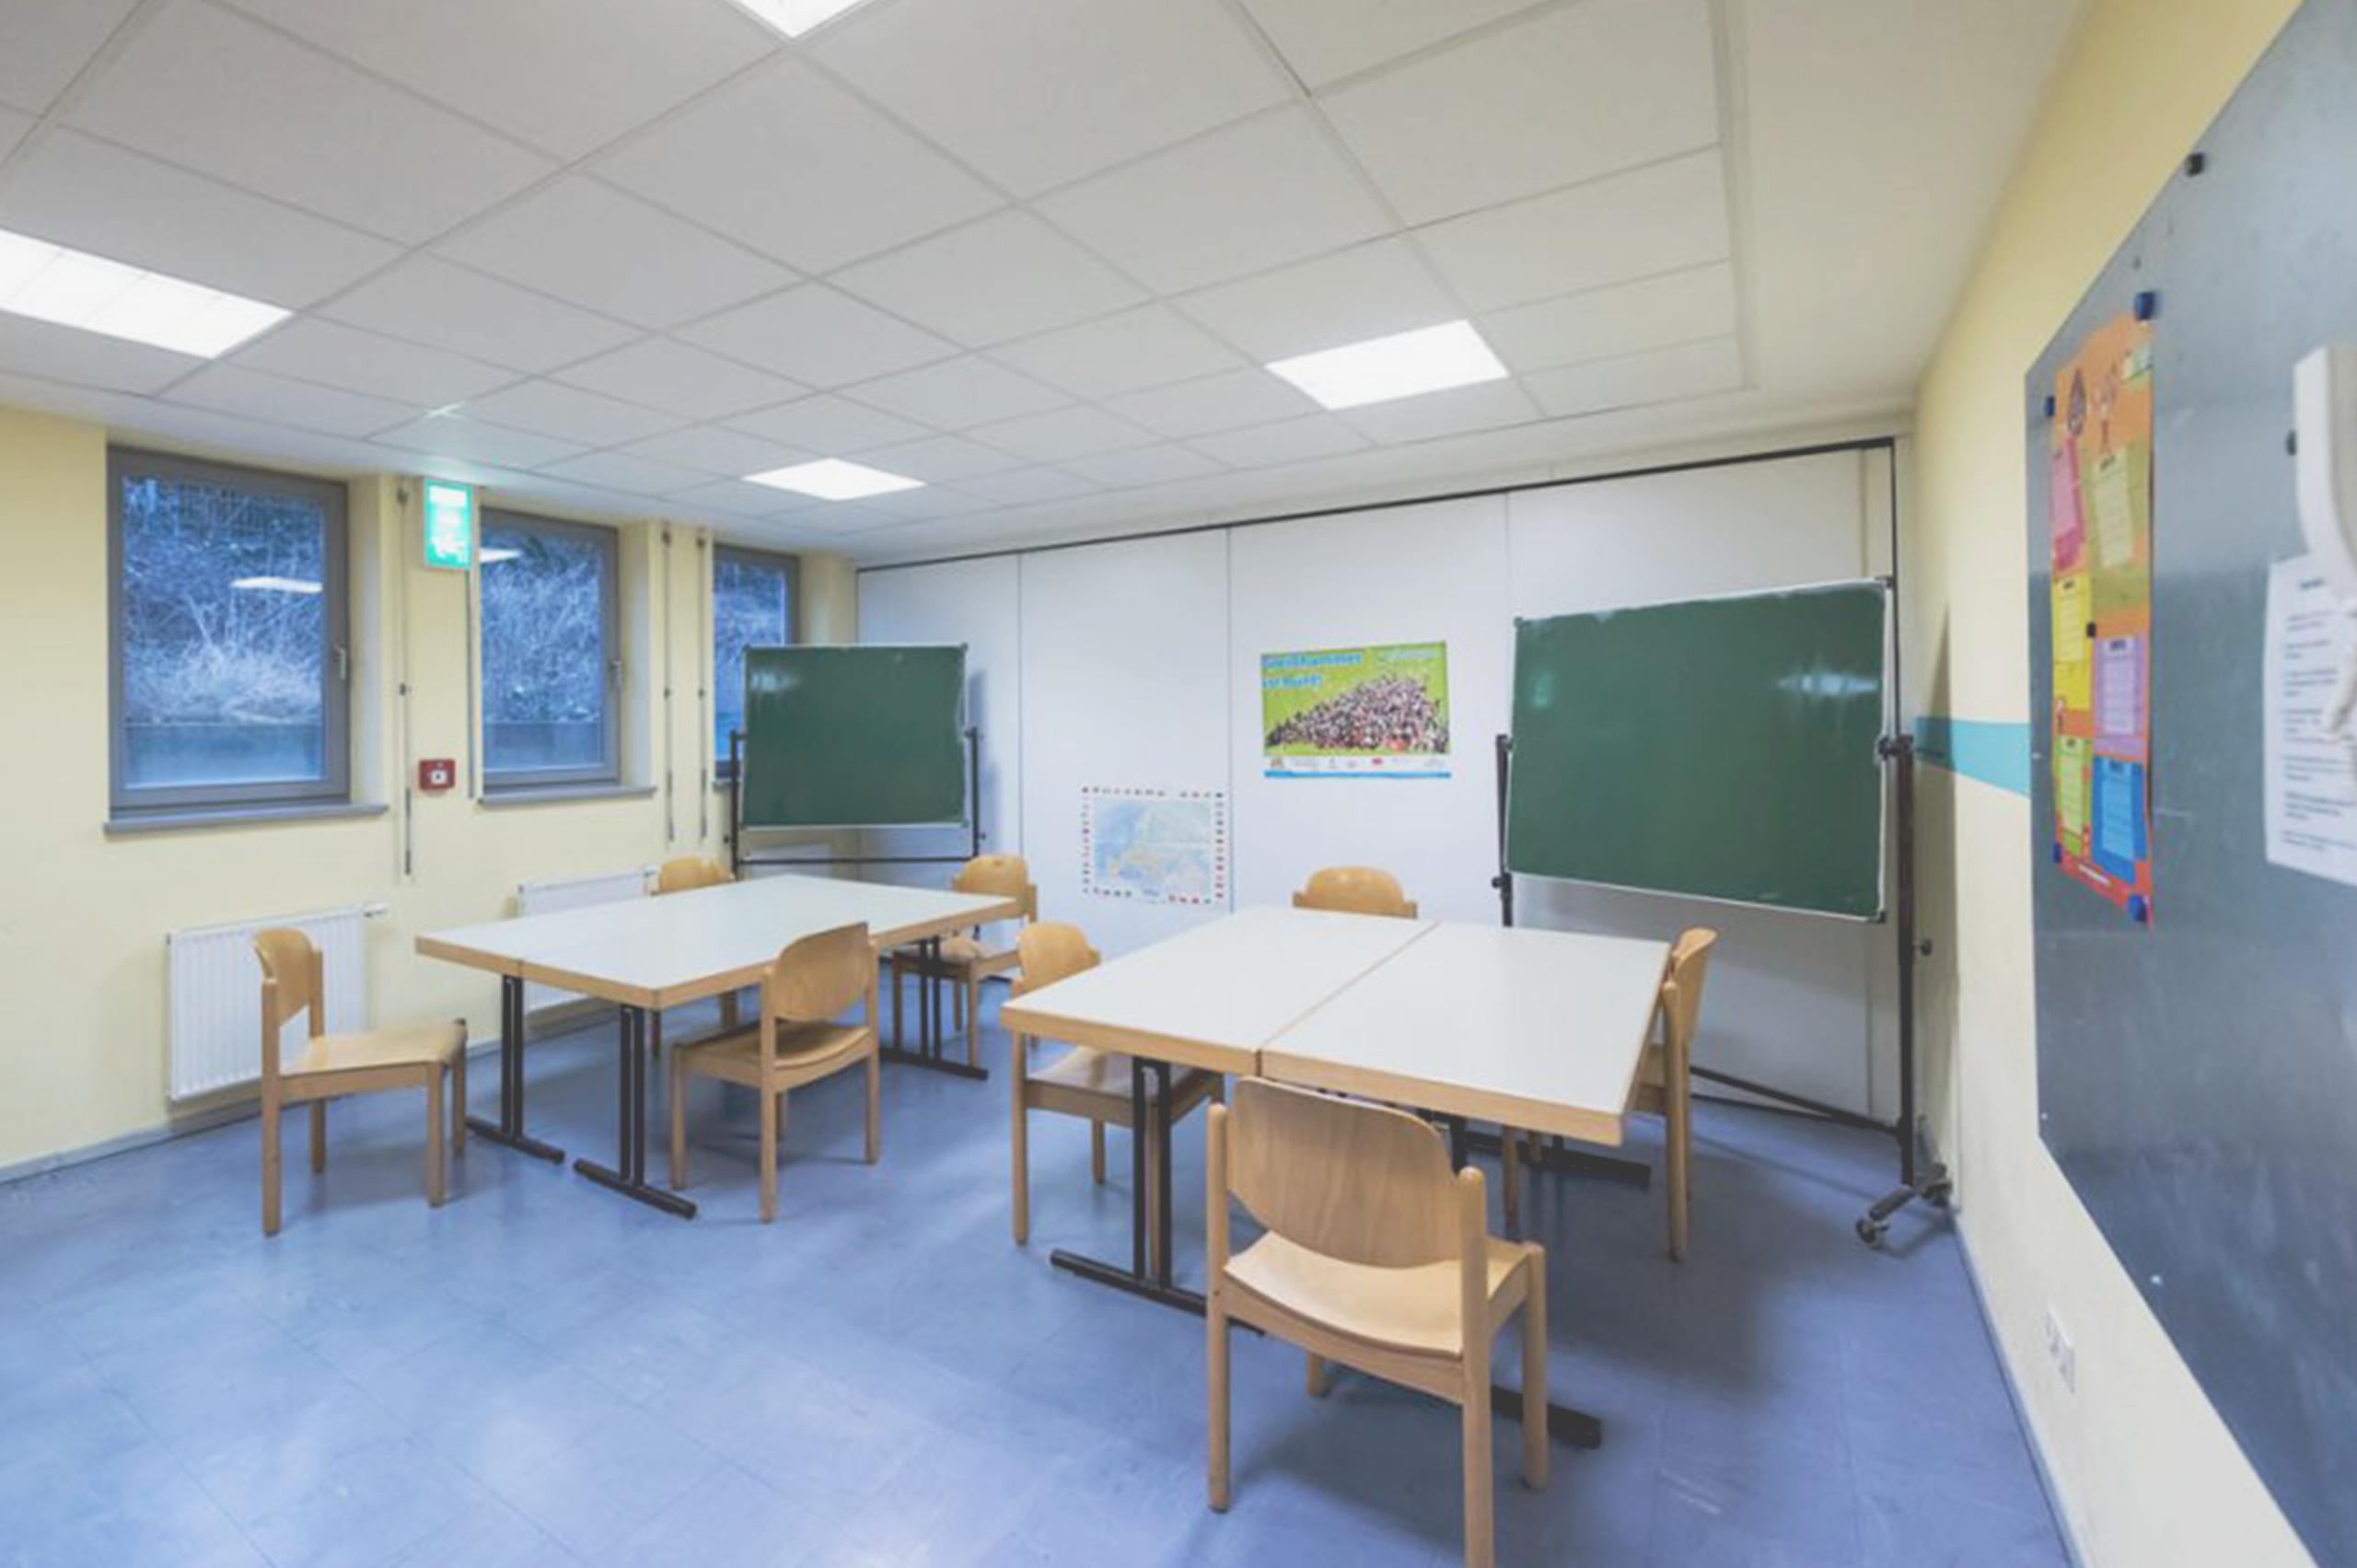 Foto vom Mehrzweckraum. Zwei große Tische mit Stühlen stehen im Raum. An der hinteren Wand stehen zwei Tafeln.